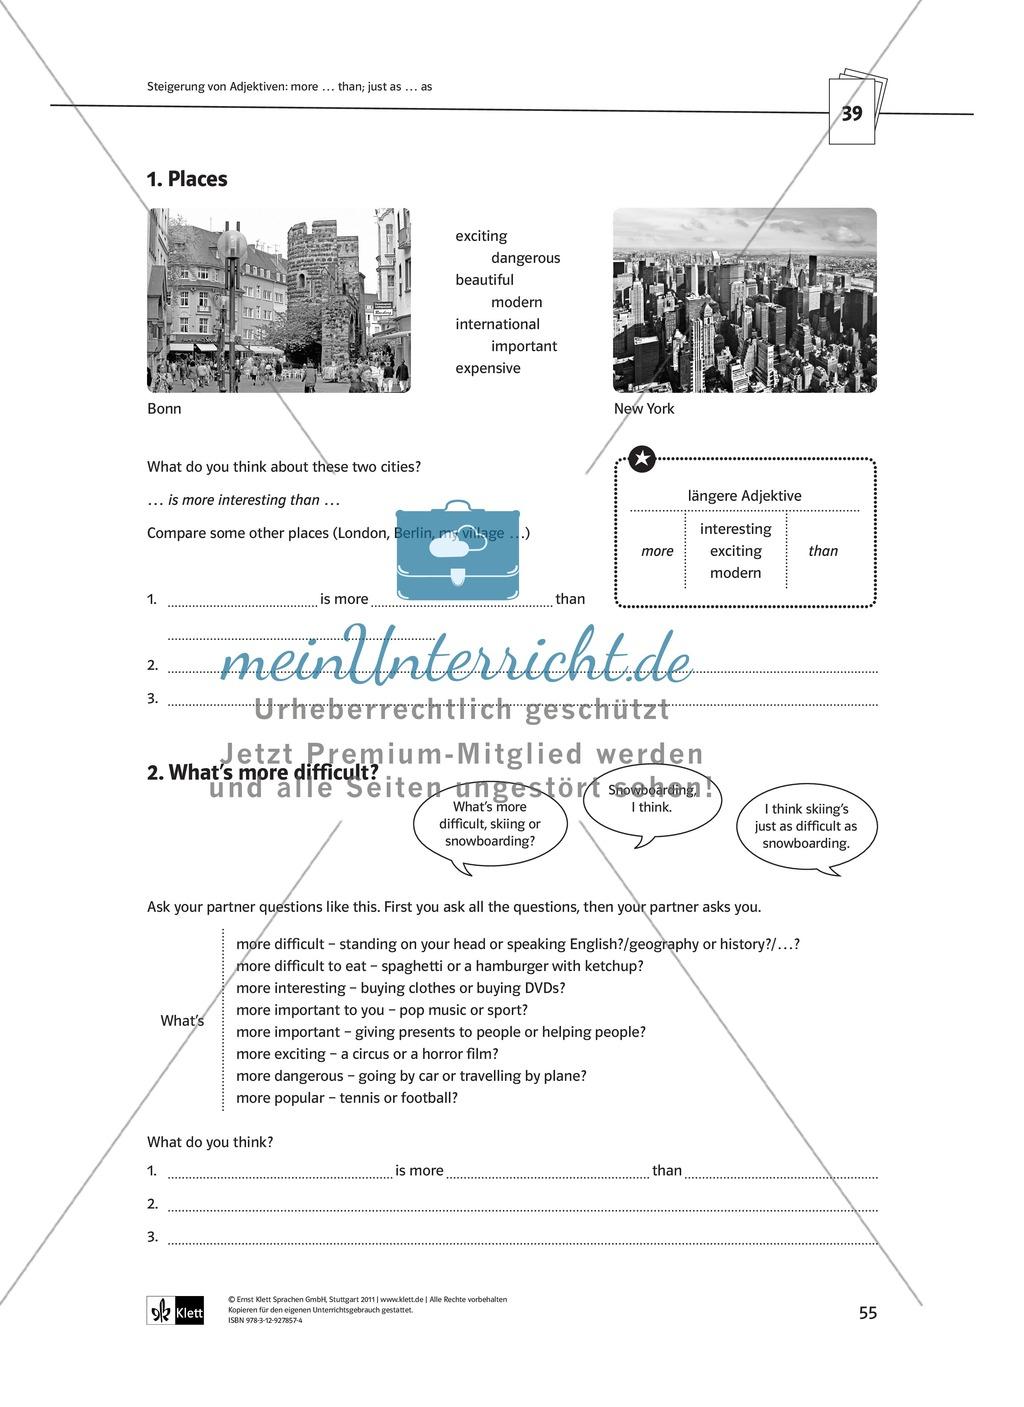 Arbeitsblätter für einen kommunikativen Grammatikunterricht: Steigerung von Adjektiven Preview 2